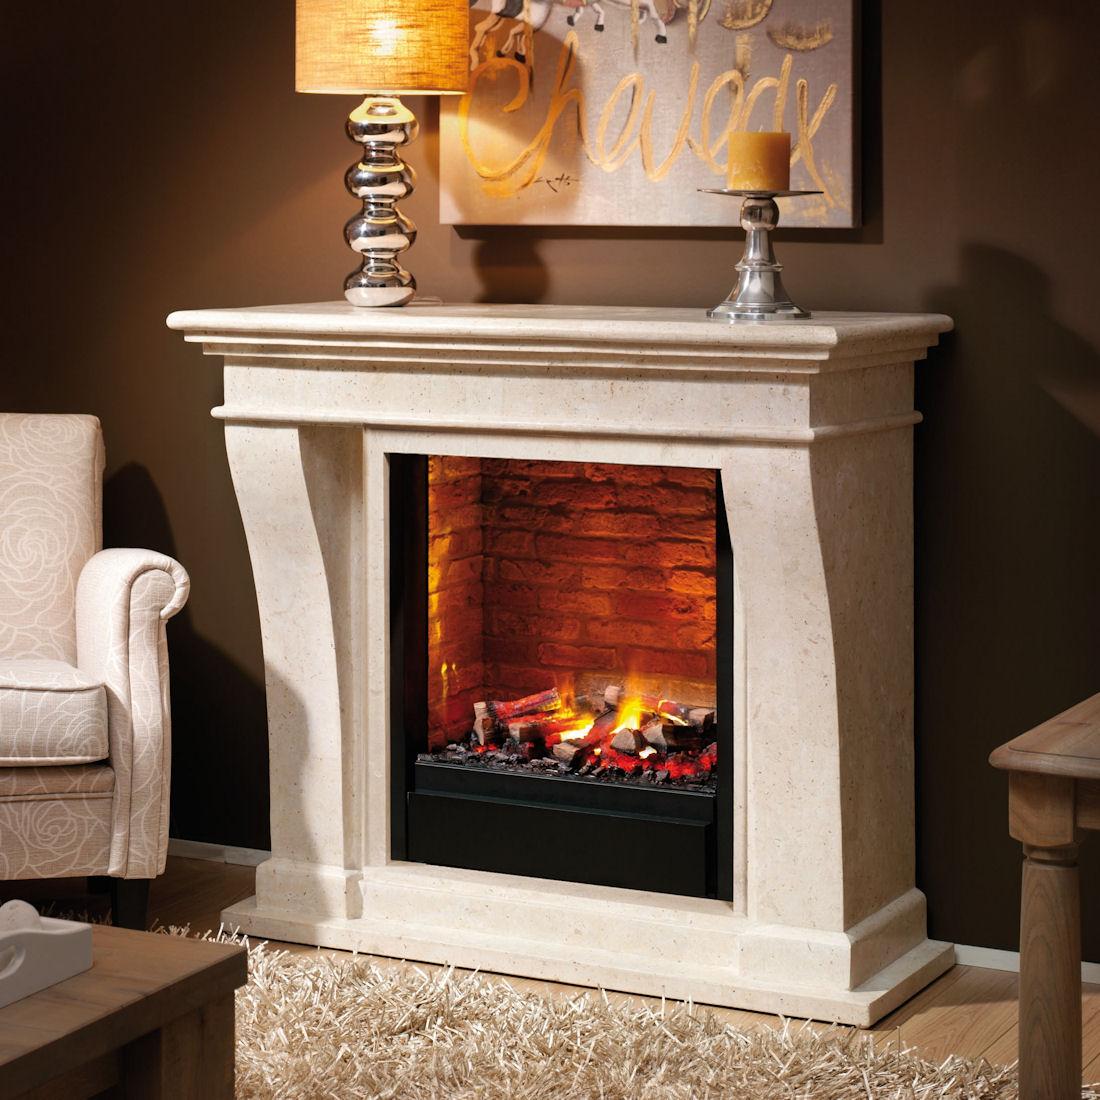 rubyfires sk kamine berlin. Black Bedroom Furniture Sets. Home Design Ideas